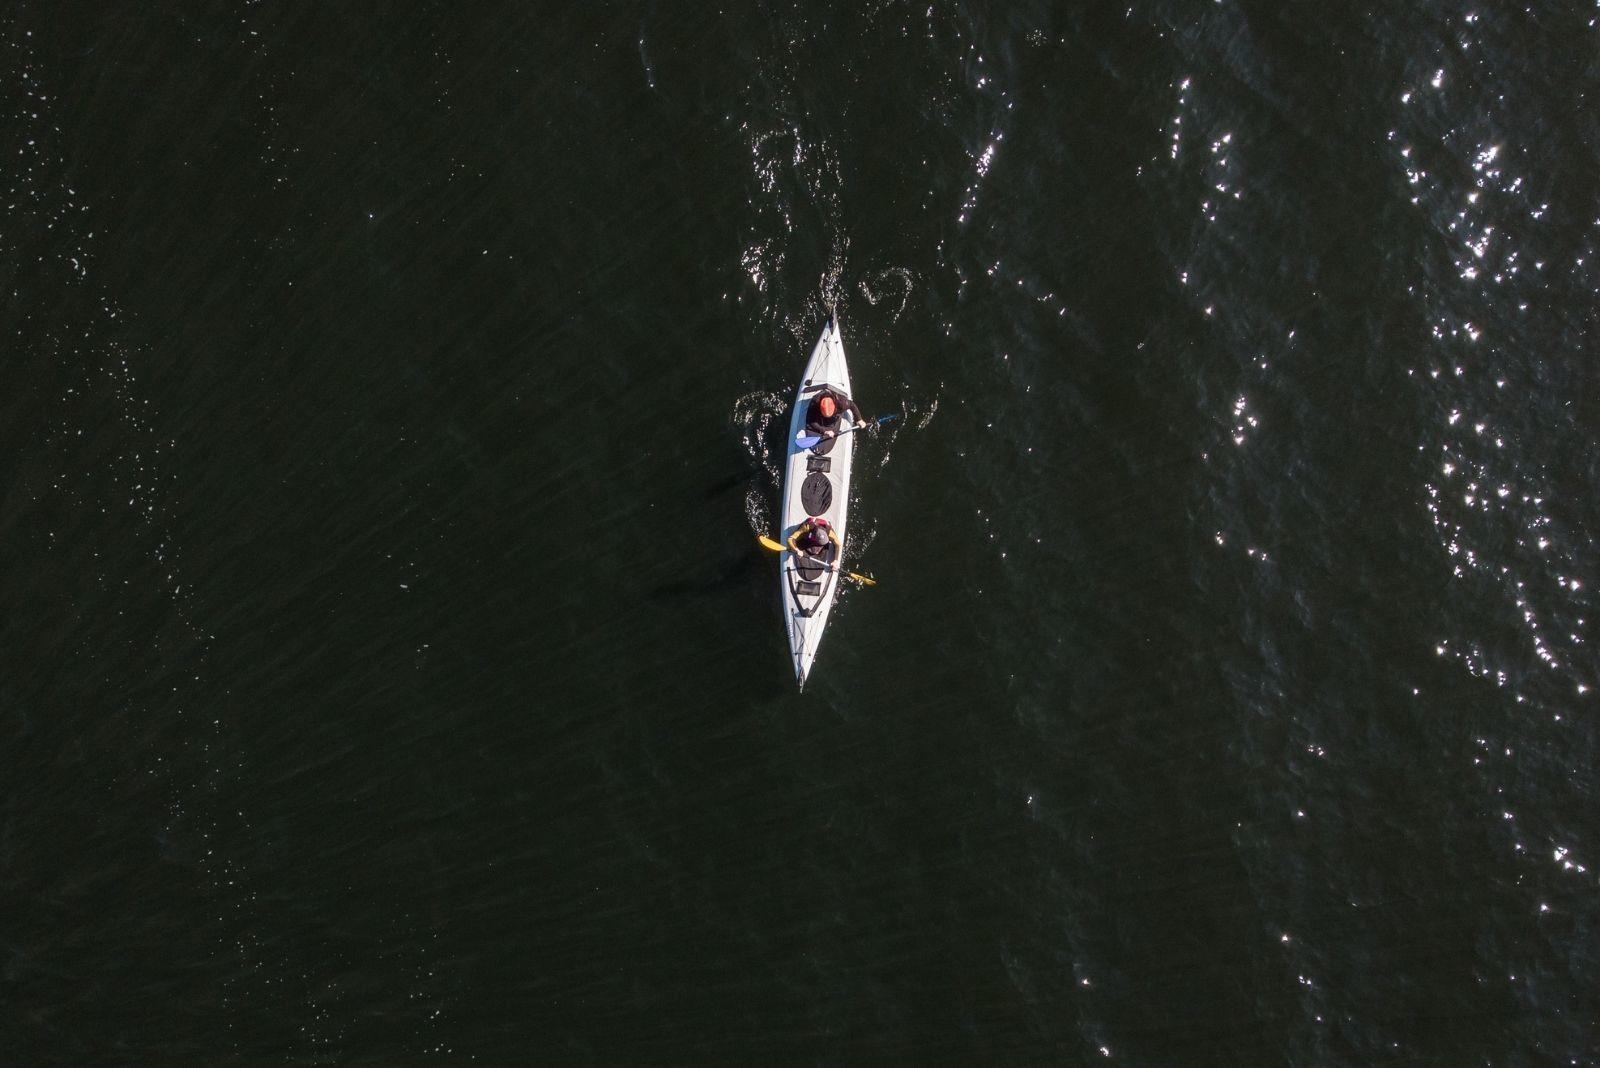 Фото з дрона